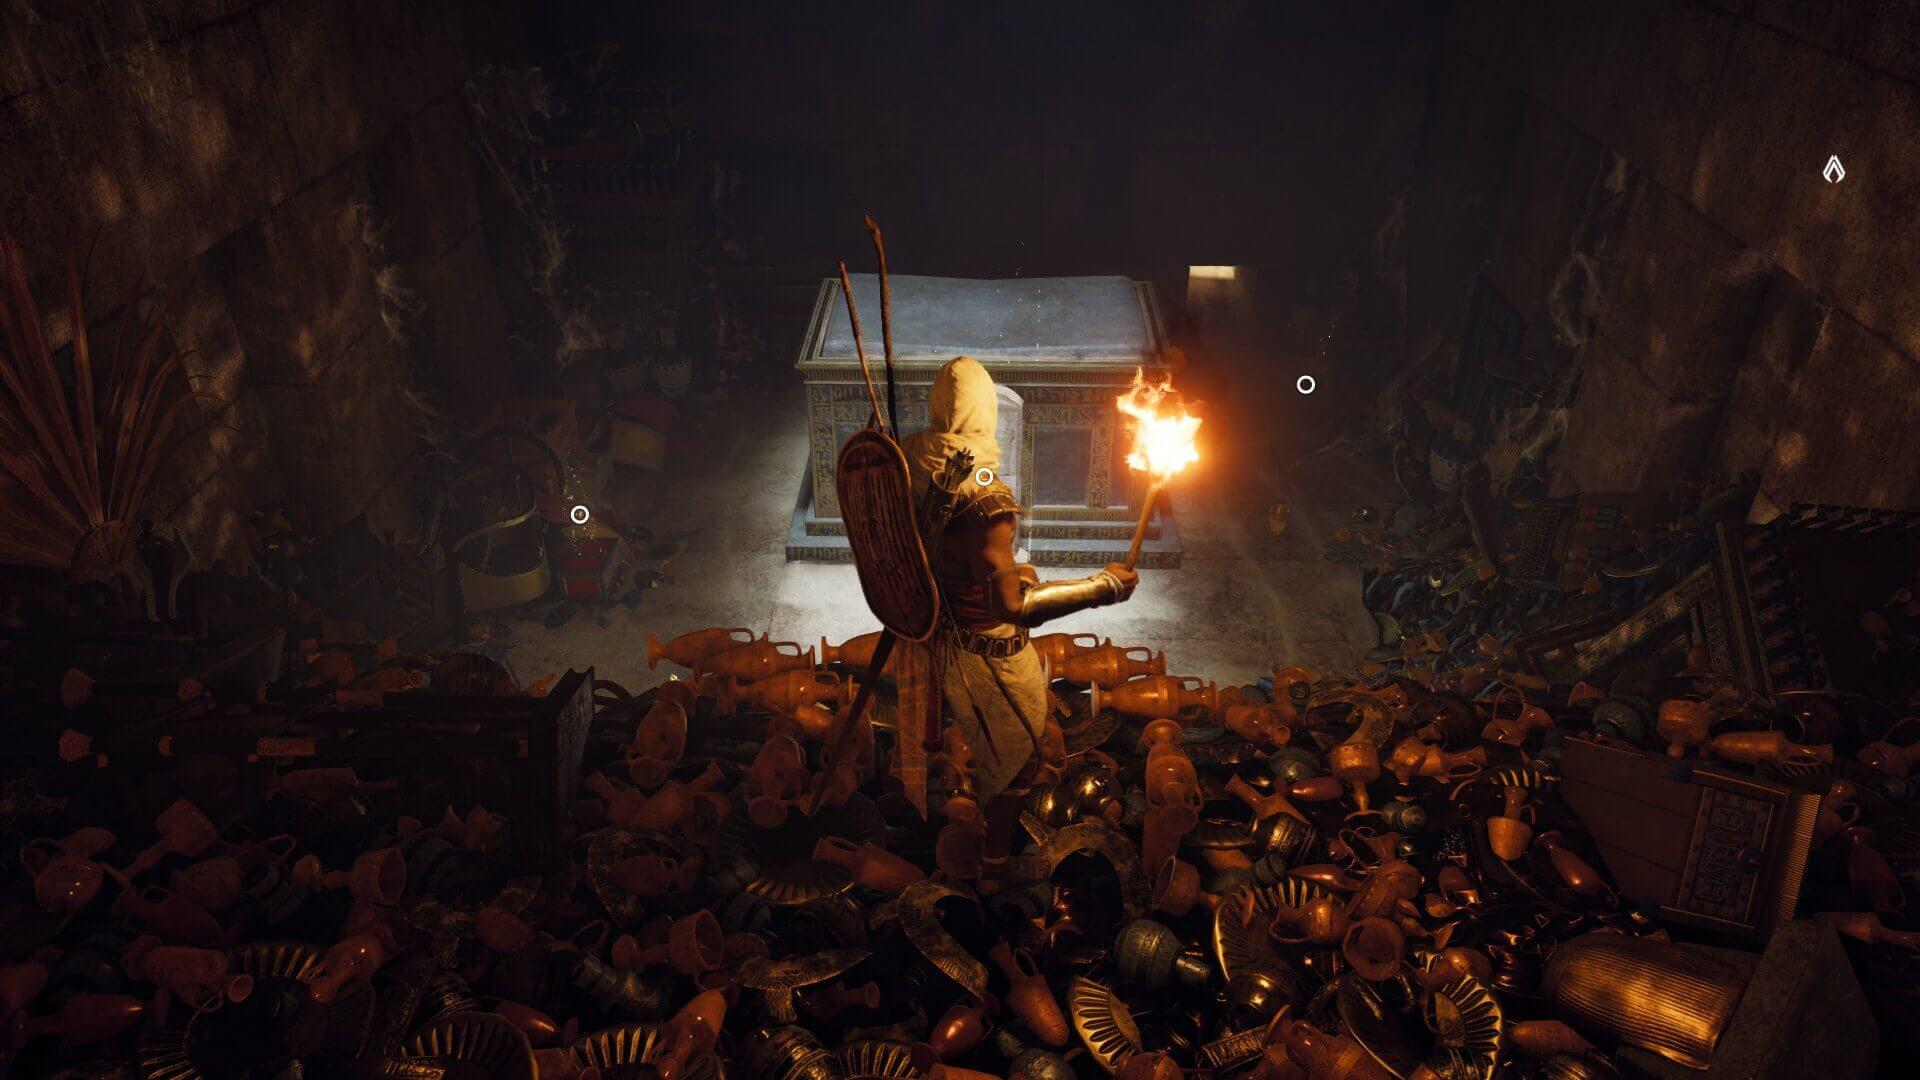 ピラミッド内部には金銀財宝が山ほどある。『 Assassin's Creed Origins』より。